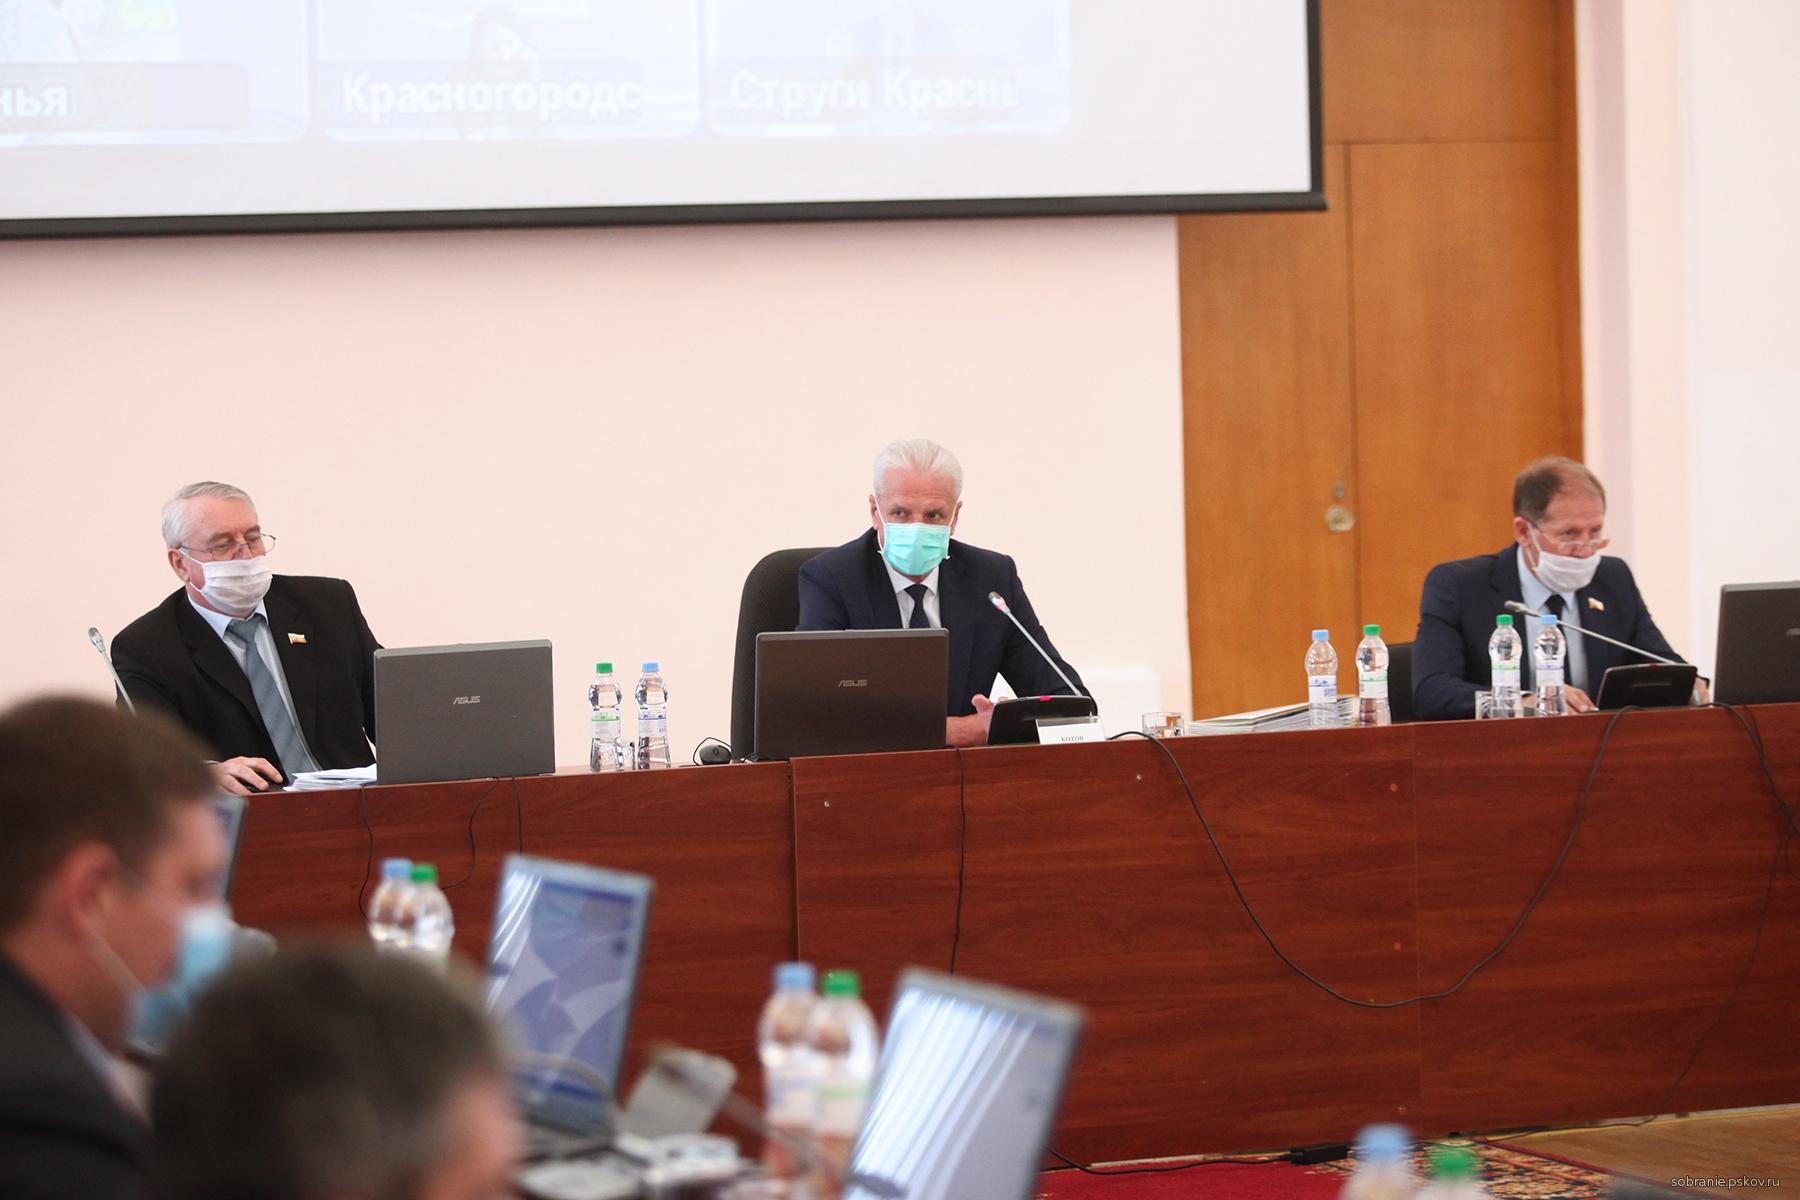 Фото: Псковское областное Собрание депутатов